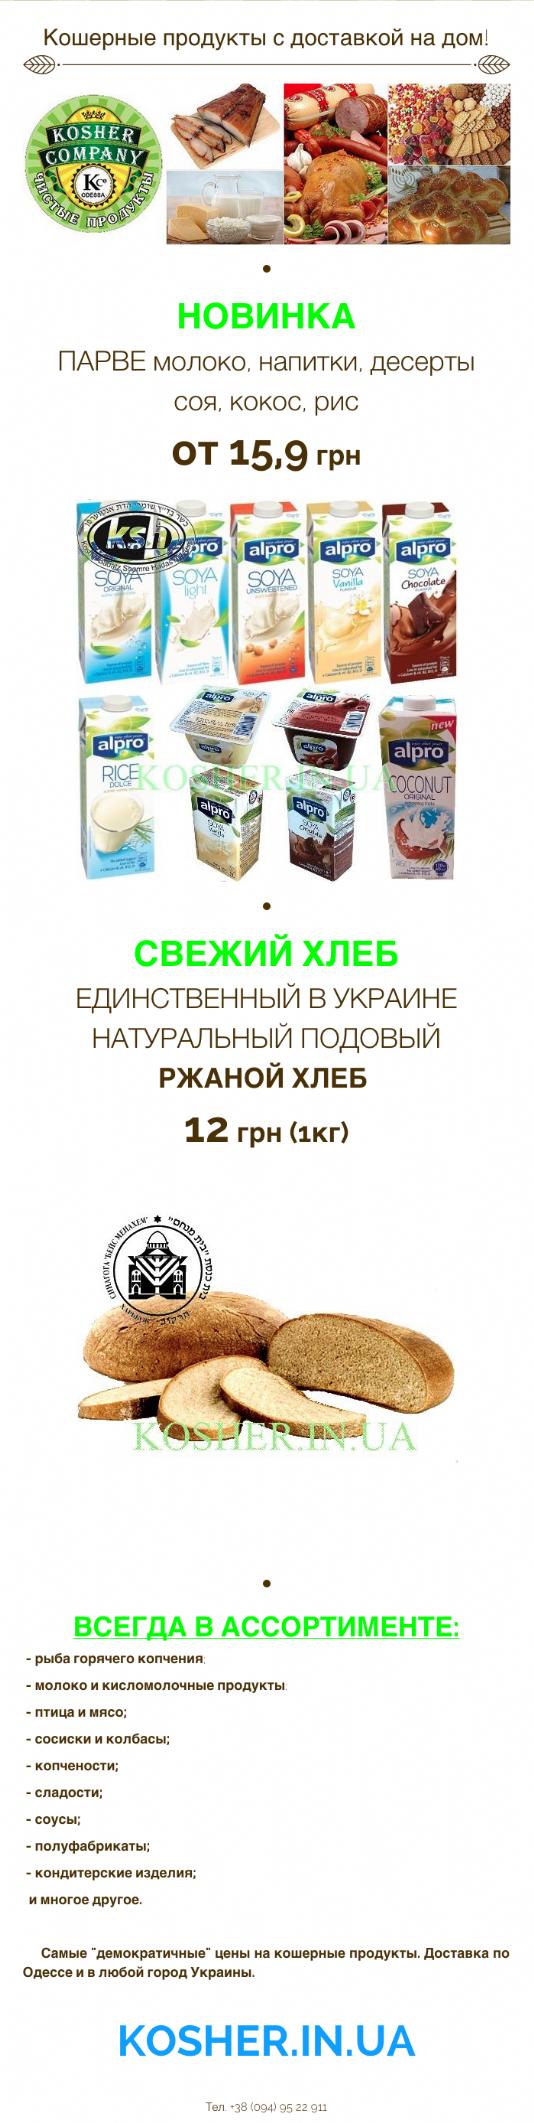 Кошерные продукты. Новинка ПАРВЕ молоко напитки десерты. Соя Кокос Рис.png